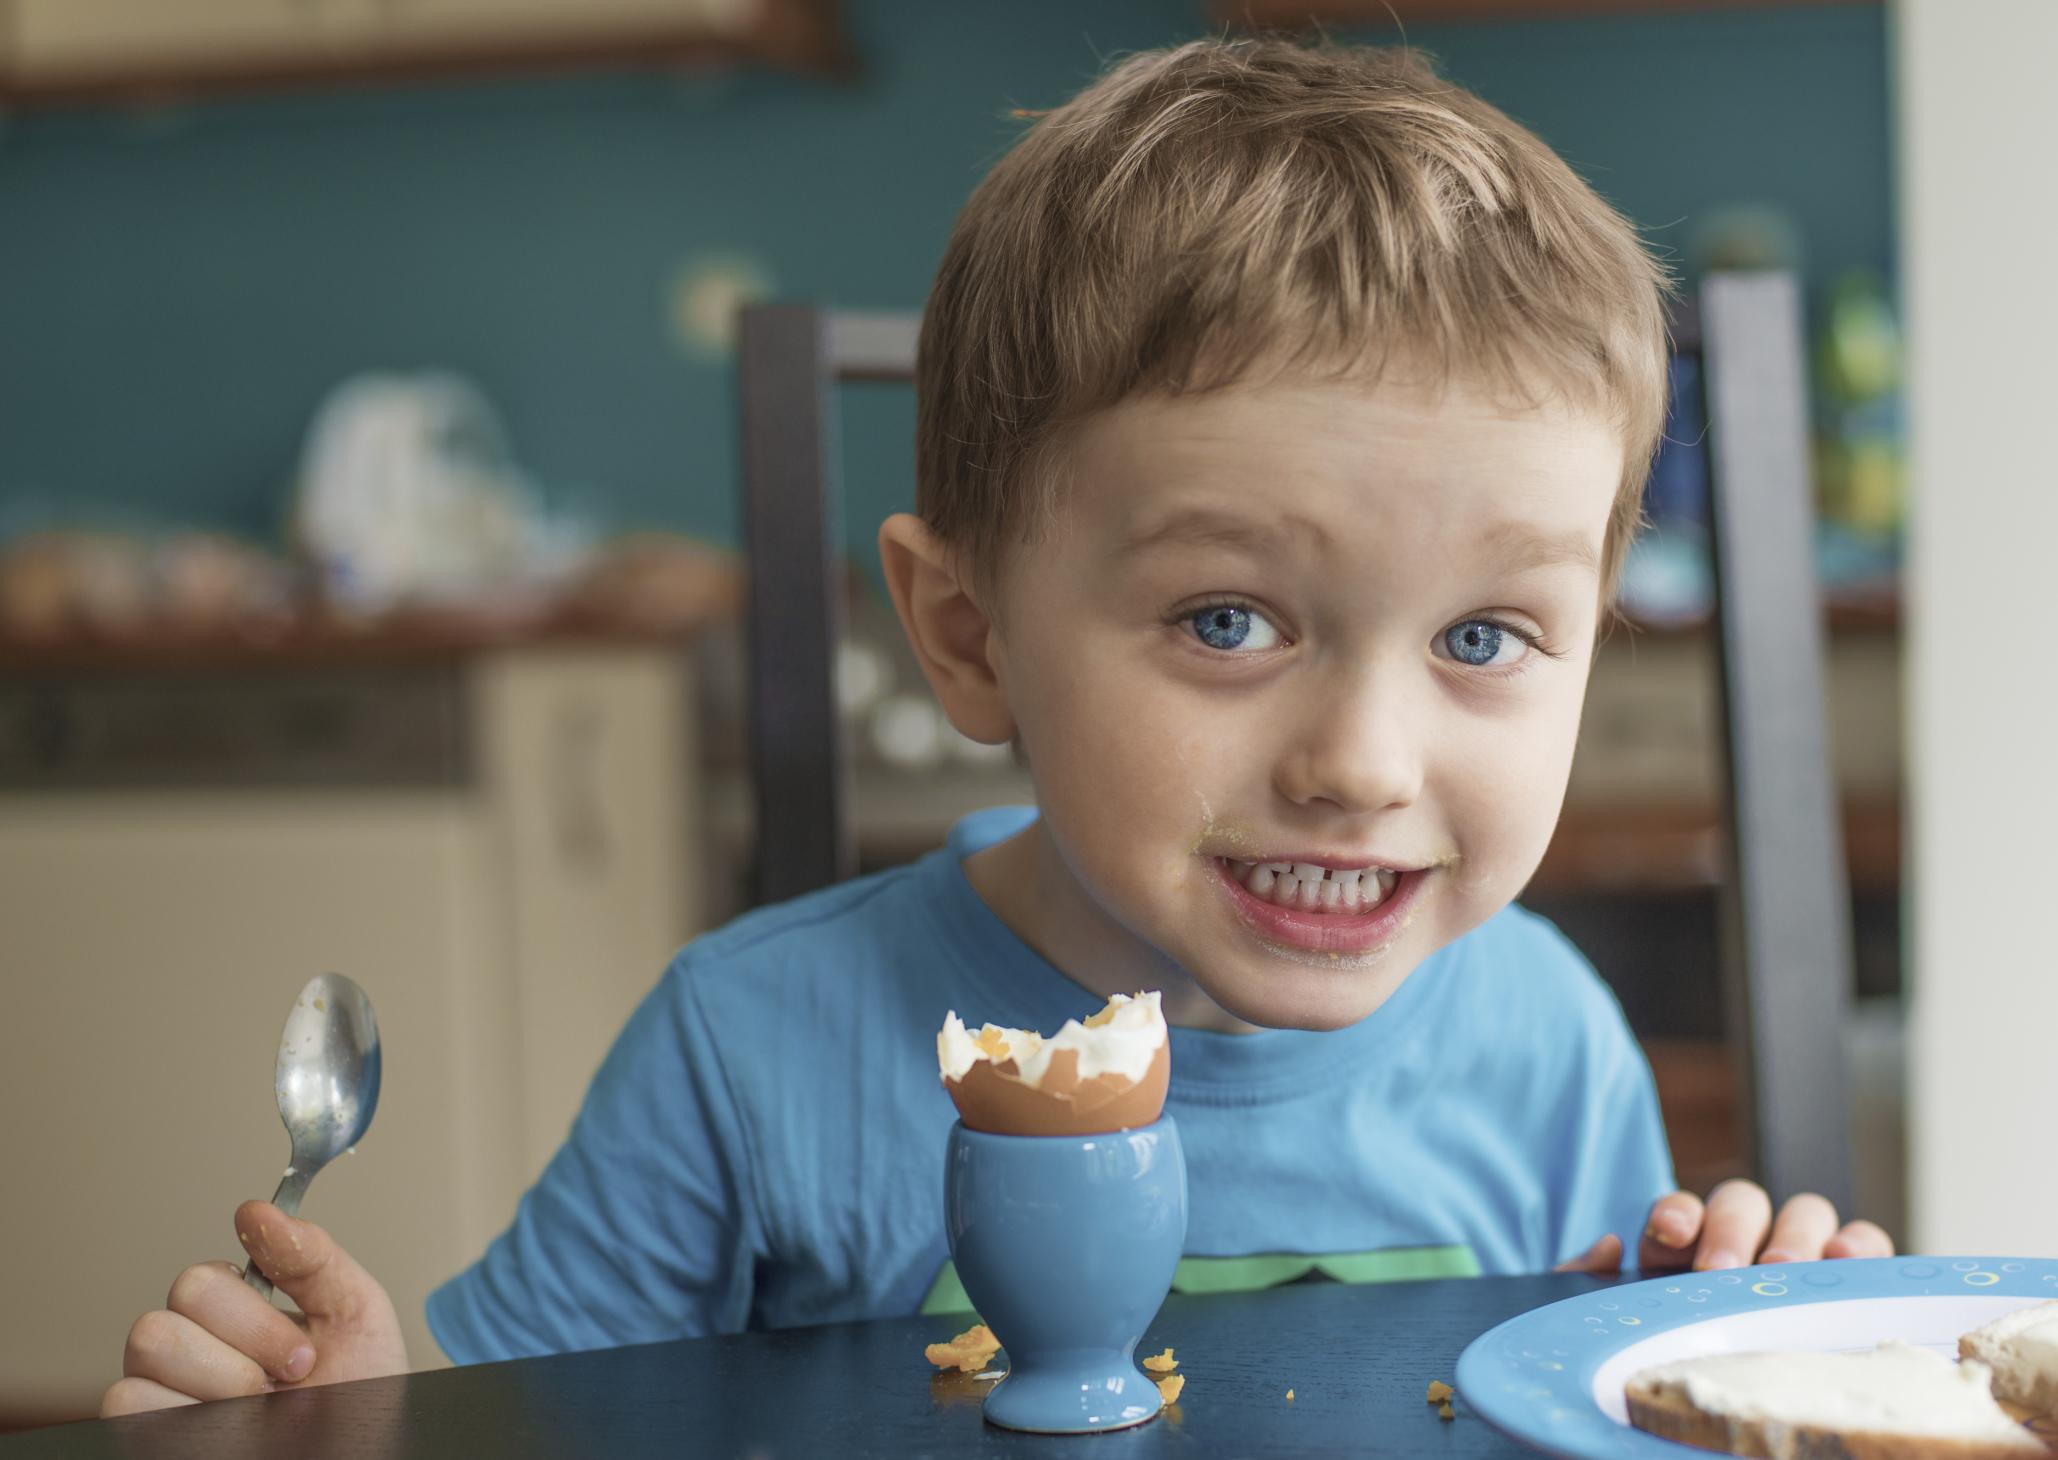 kind 5 jaar Overslaan ontbijt maakt jong kind niet dik • Nieuws voor diëtisten kind 5 jaar